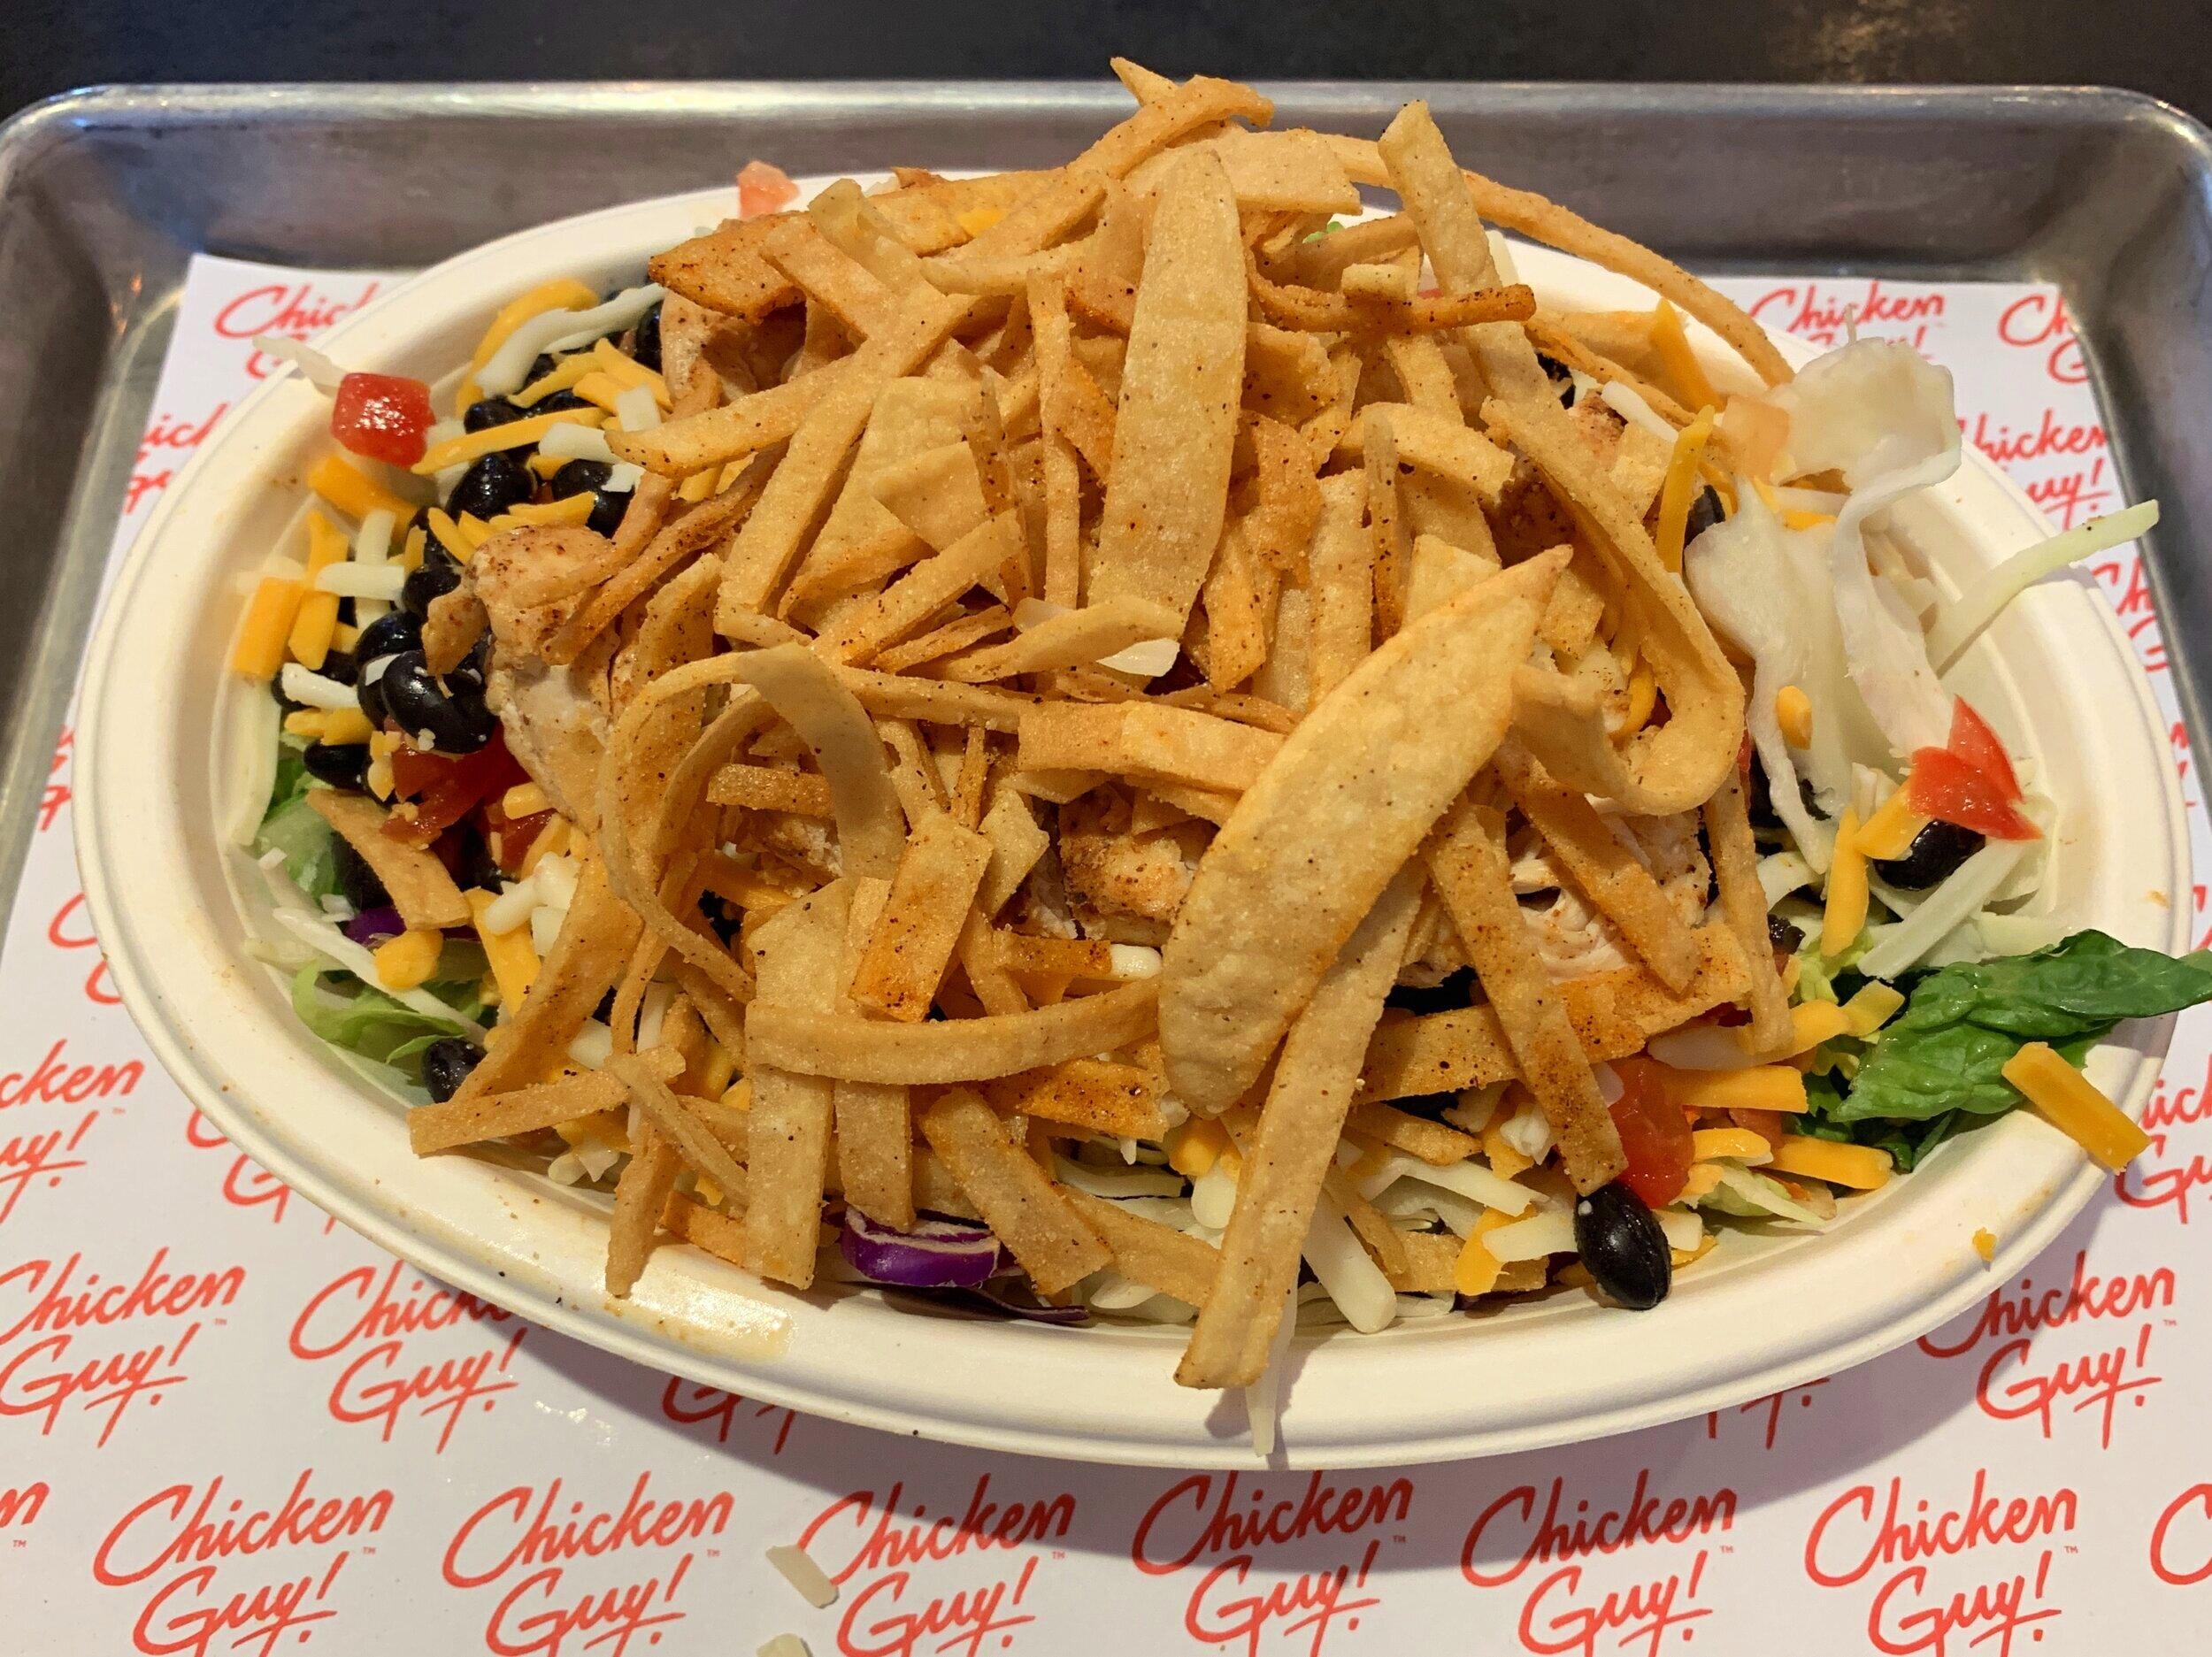 Look at this epic salad bowl!